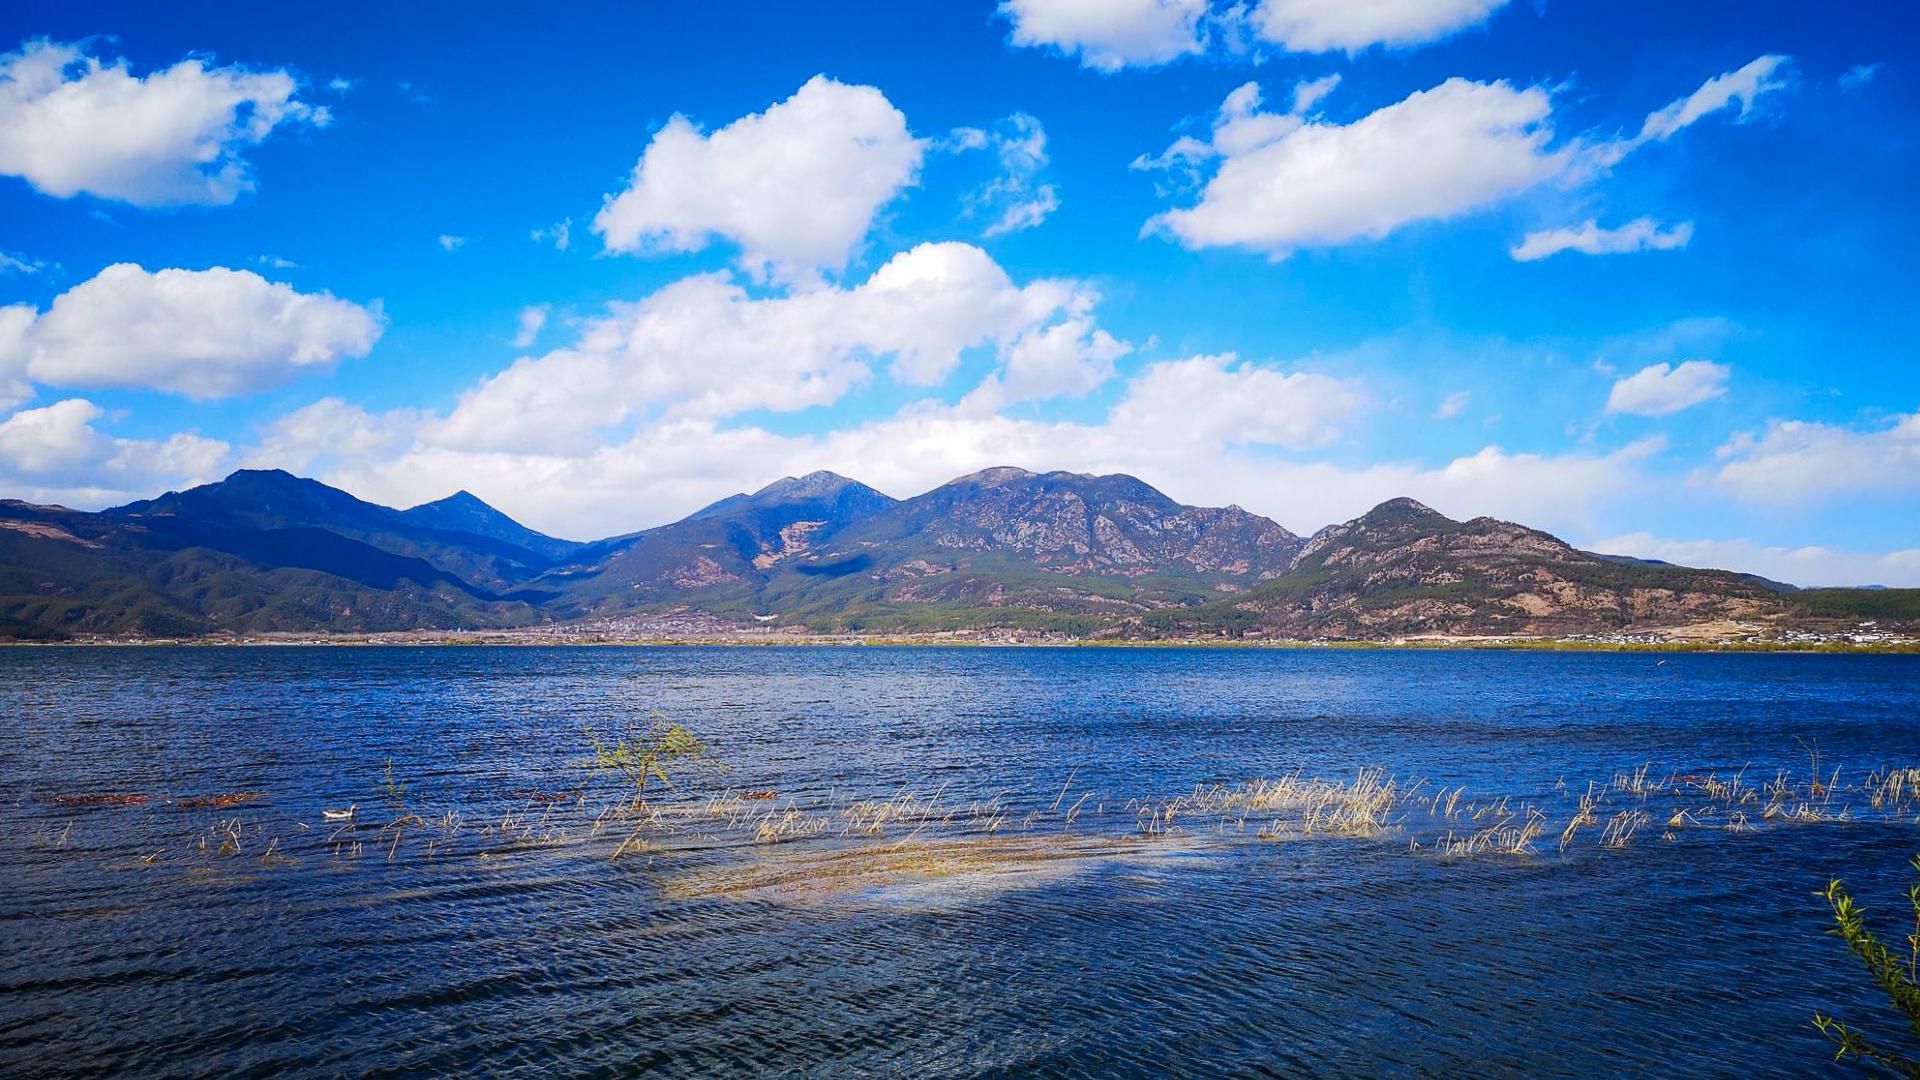 丽江有哪些著名景区,这些值得一玩的景点你都去过吗?